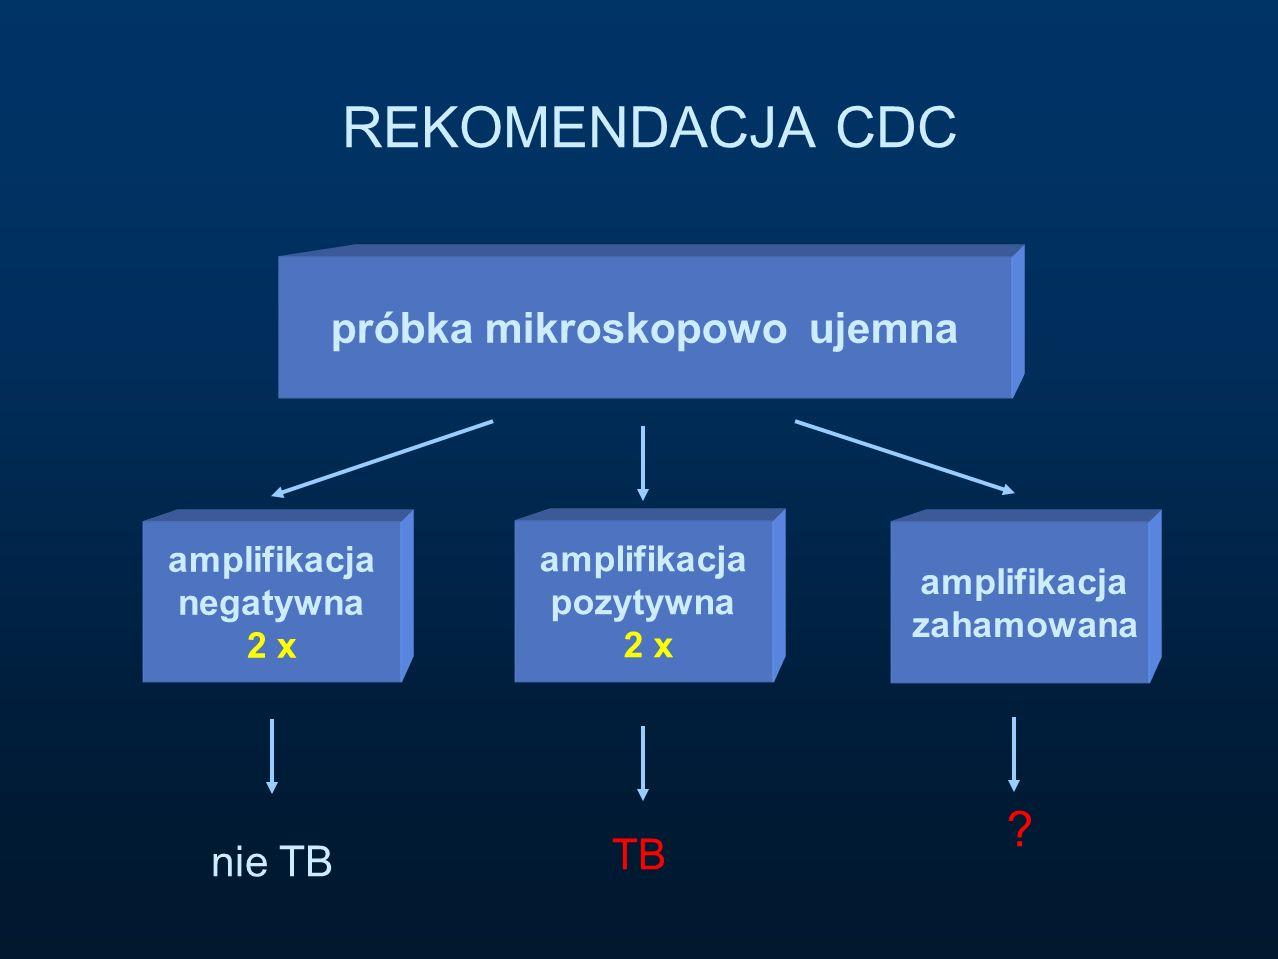 próbka mikroskopowo ujemna amplifikacja negatywna 2 x amplifikacja pozytywna 2 x amplifikacja zahamowana TB ? nie TB